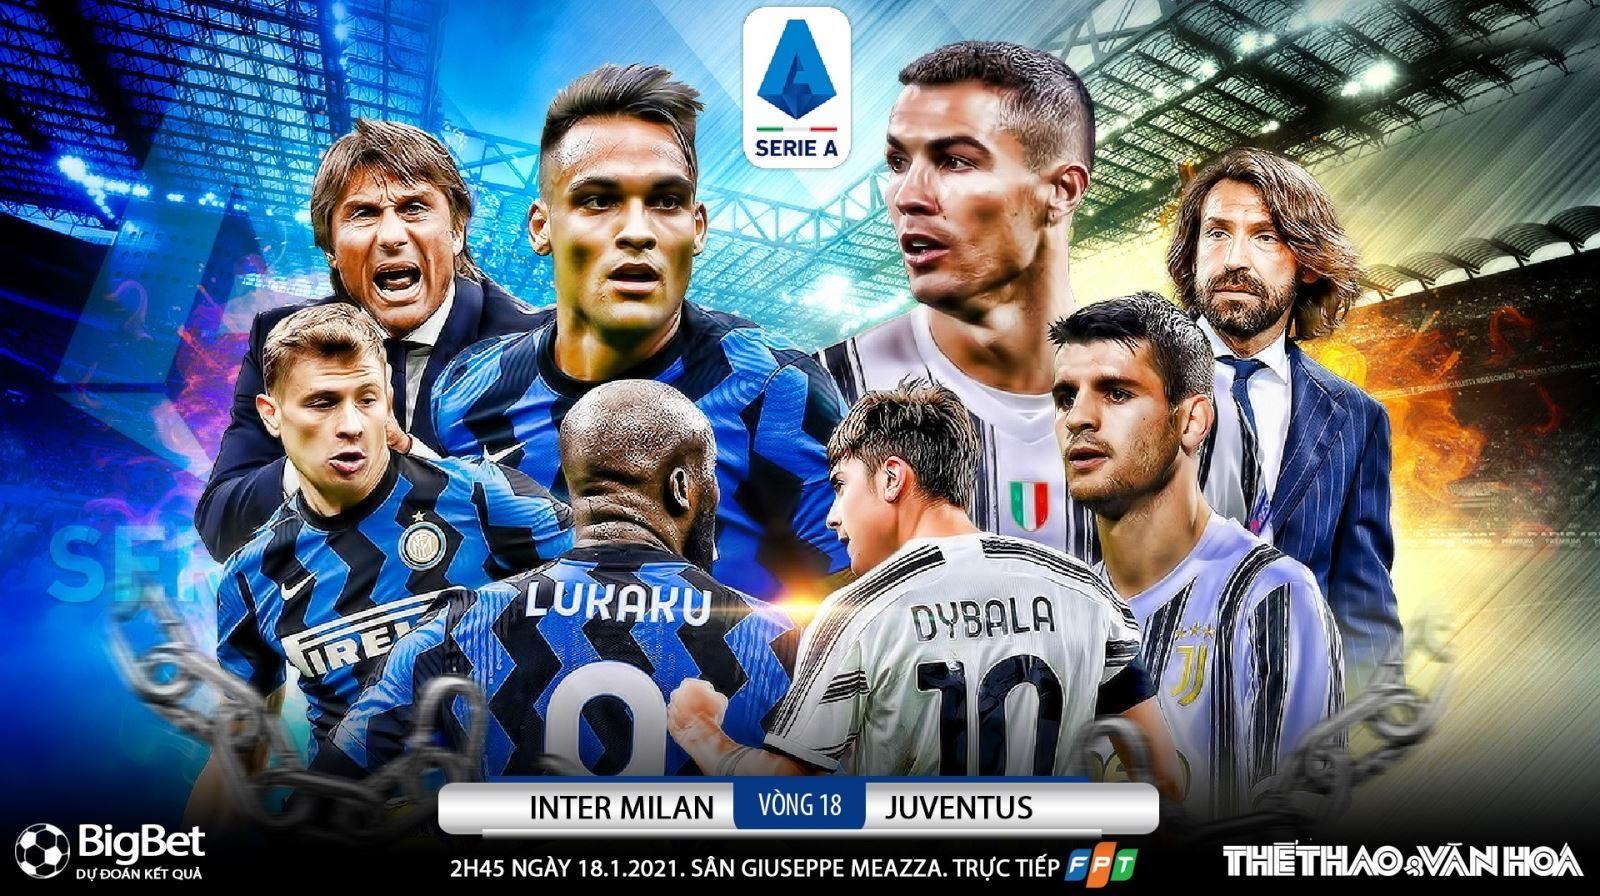 Inter Milan vs Juventus - Xem trực tiếp, thống kê, dự đoán tỷ số, đội hình